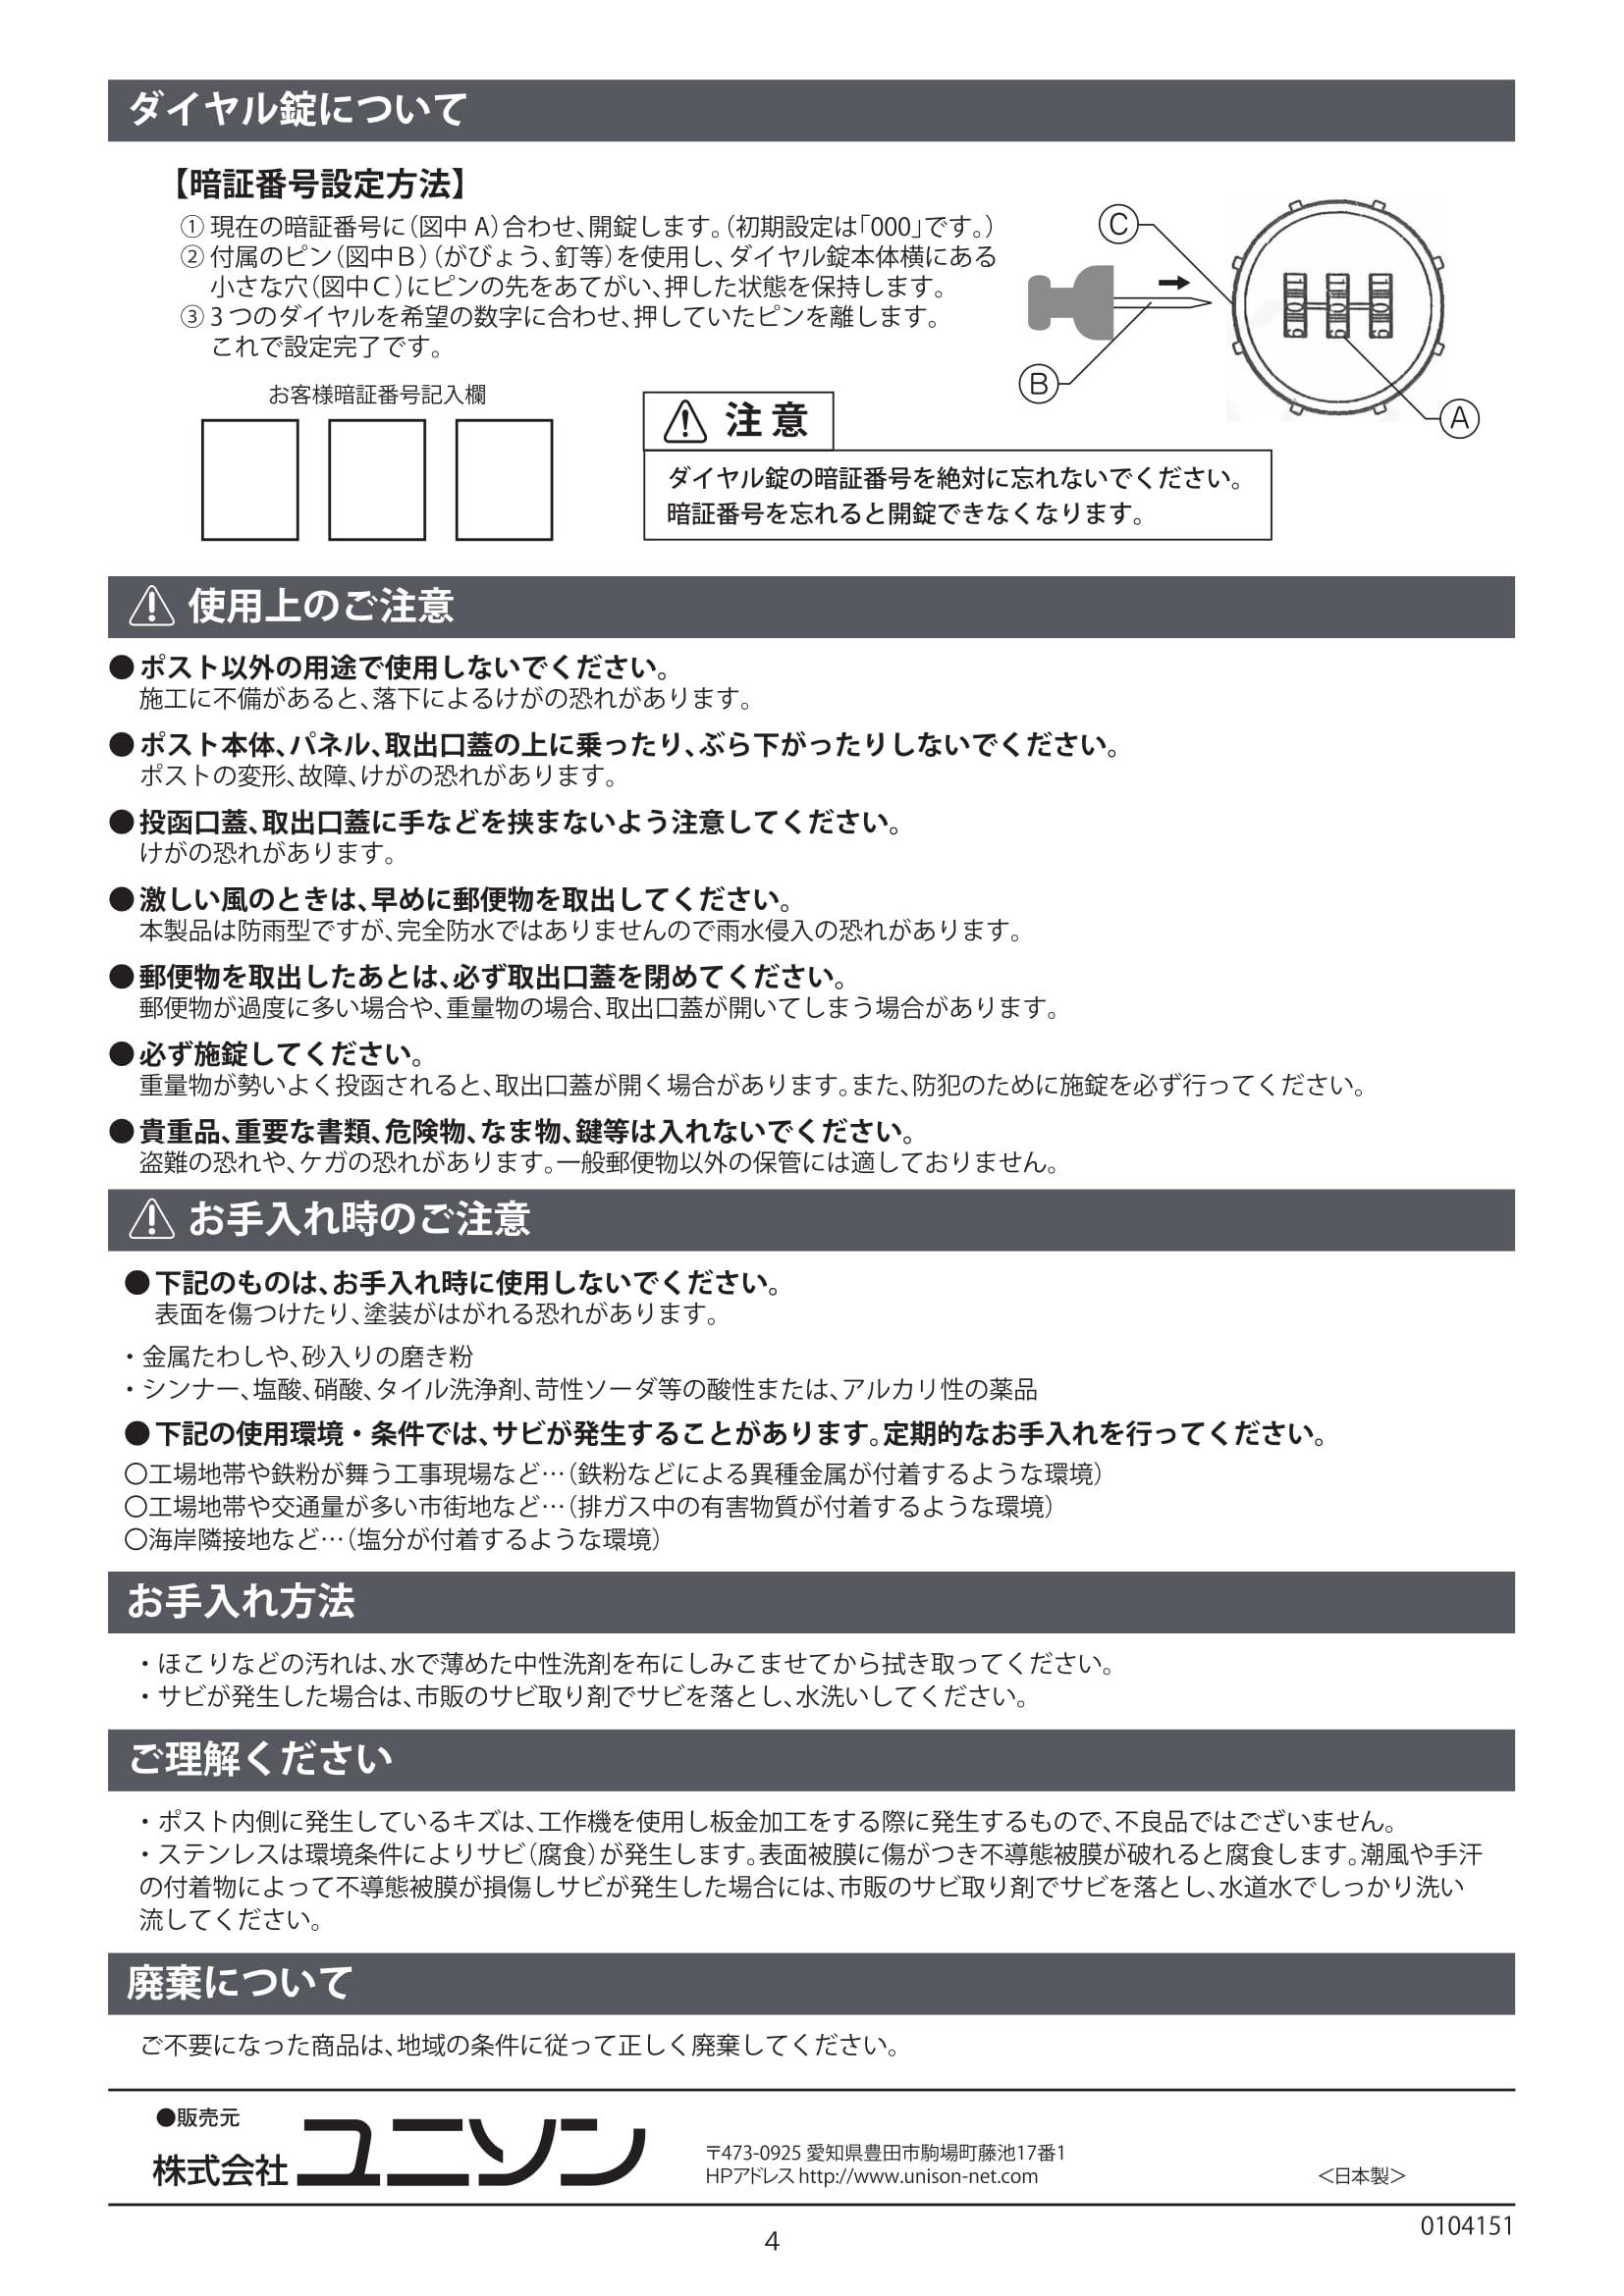 オストヨコ_取扱説明書-4